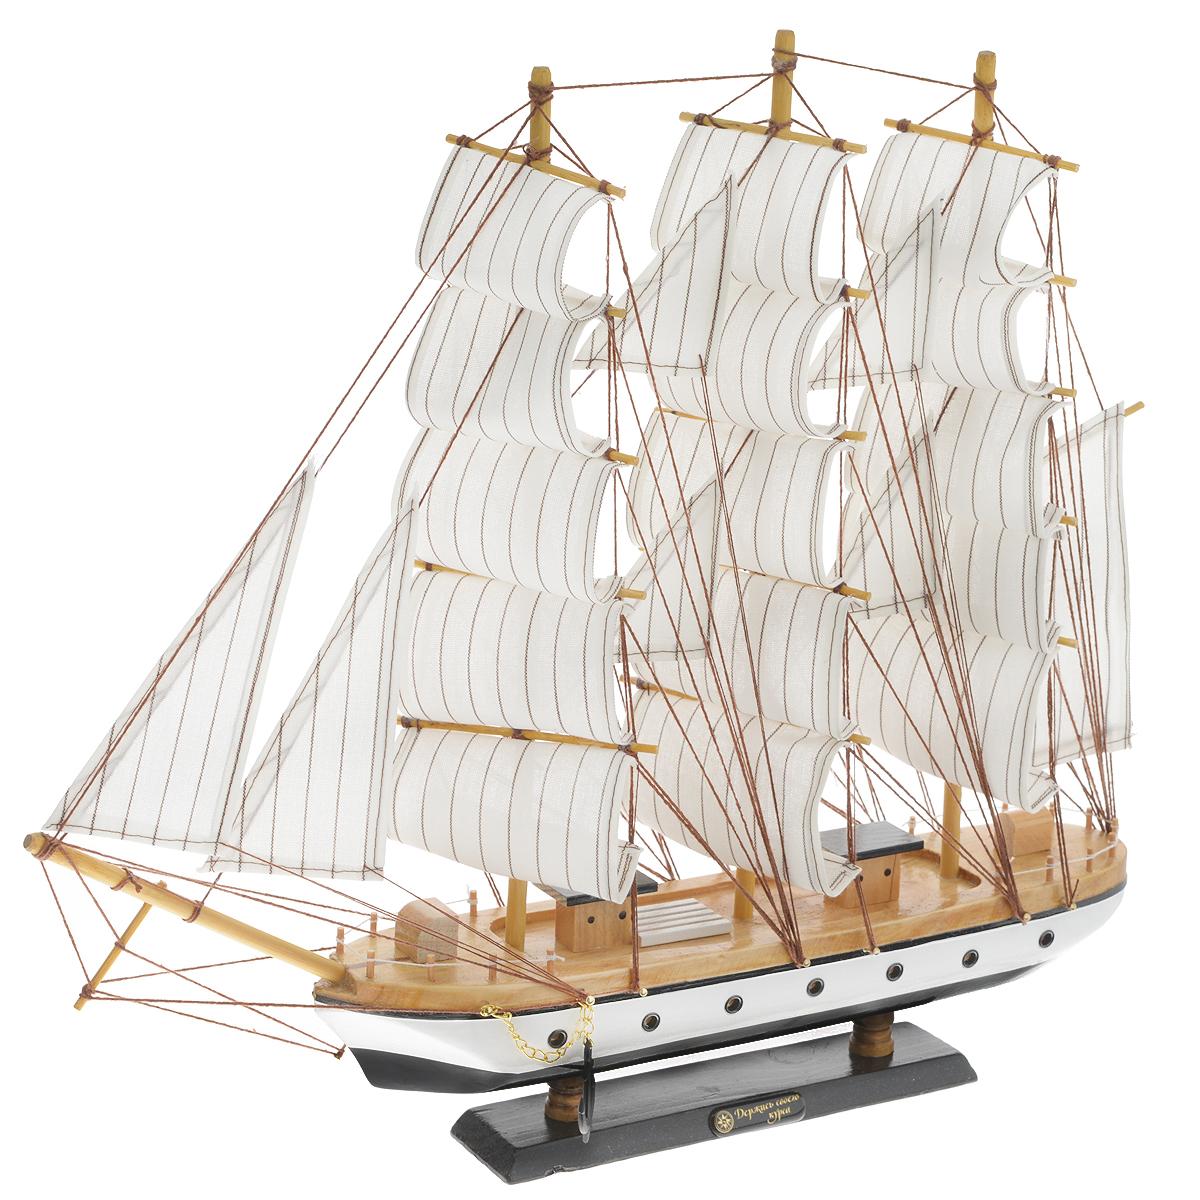 Корабль сувенирный Держись своего курса, длина 45 см452043Сувенирный корабль Держись своего курса, изготовленный из дерева и текстиля, это великолепный элемент декора рабочей зоны в офисе или кабинете. Корабль с парусами и якорями помещен на деревянную подставку. Время идет, и мы становимся свидетелями развития технического прогресса, новых учений и практик. Но одно не подвластно времени - это любовь человека к морю и кораблям. Сувенирный корабль наполнен историей и силой океанских вод. Данная модель кораблика станет отличным подарком для всех любителей морей, поклонников историй о покорении океанов и неизведанных земель. Модель корабля - подарок со смыслом. Издавна на Руси считалось, что корабли приносят удачу и везение. Поэтому их изображения, фигурки и точные копии всегда присутствовали в помещениях. Удивите себя и своих близких необычным презентом.